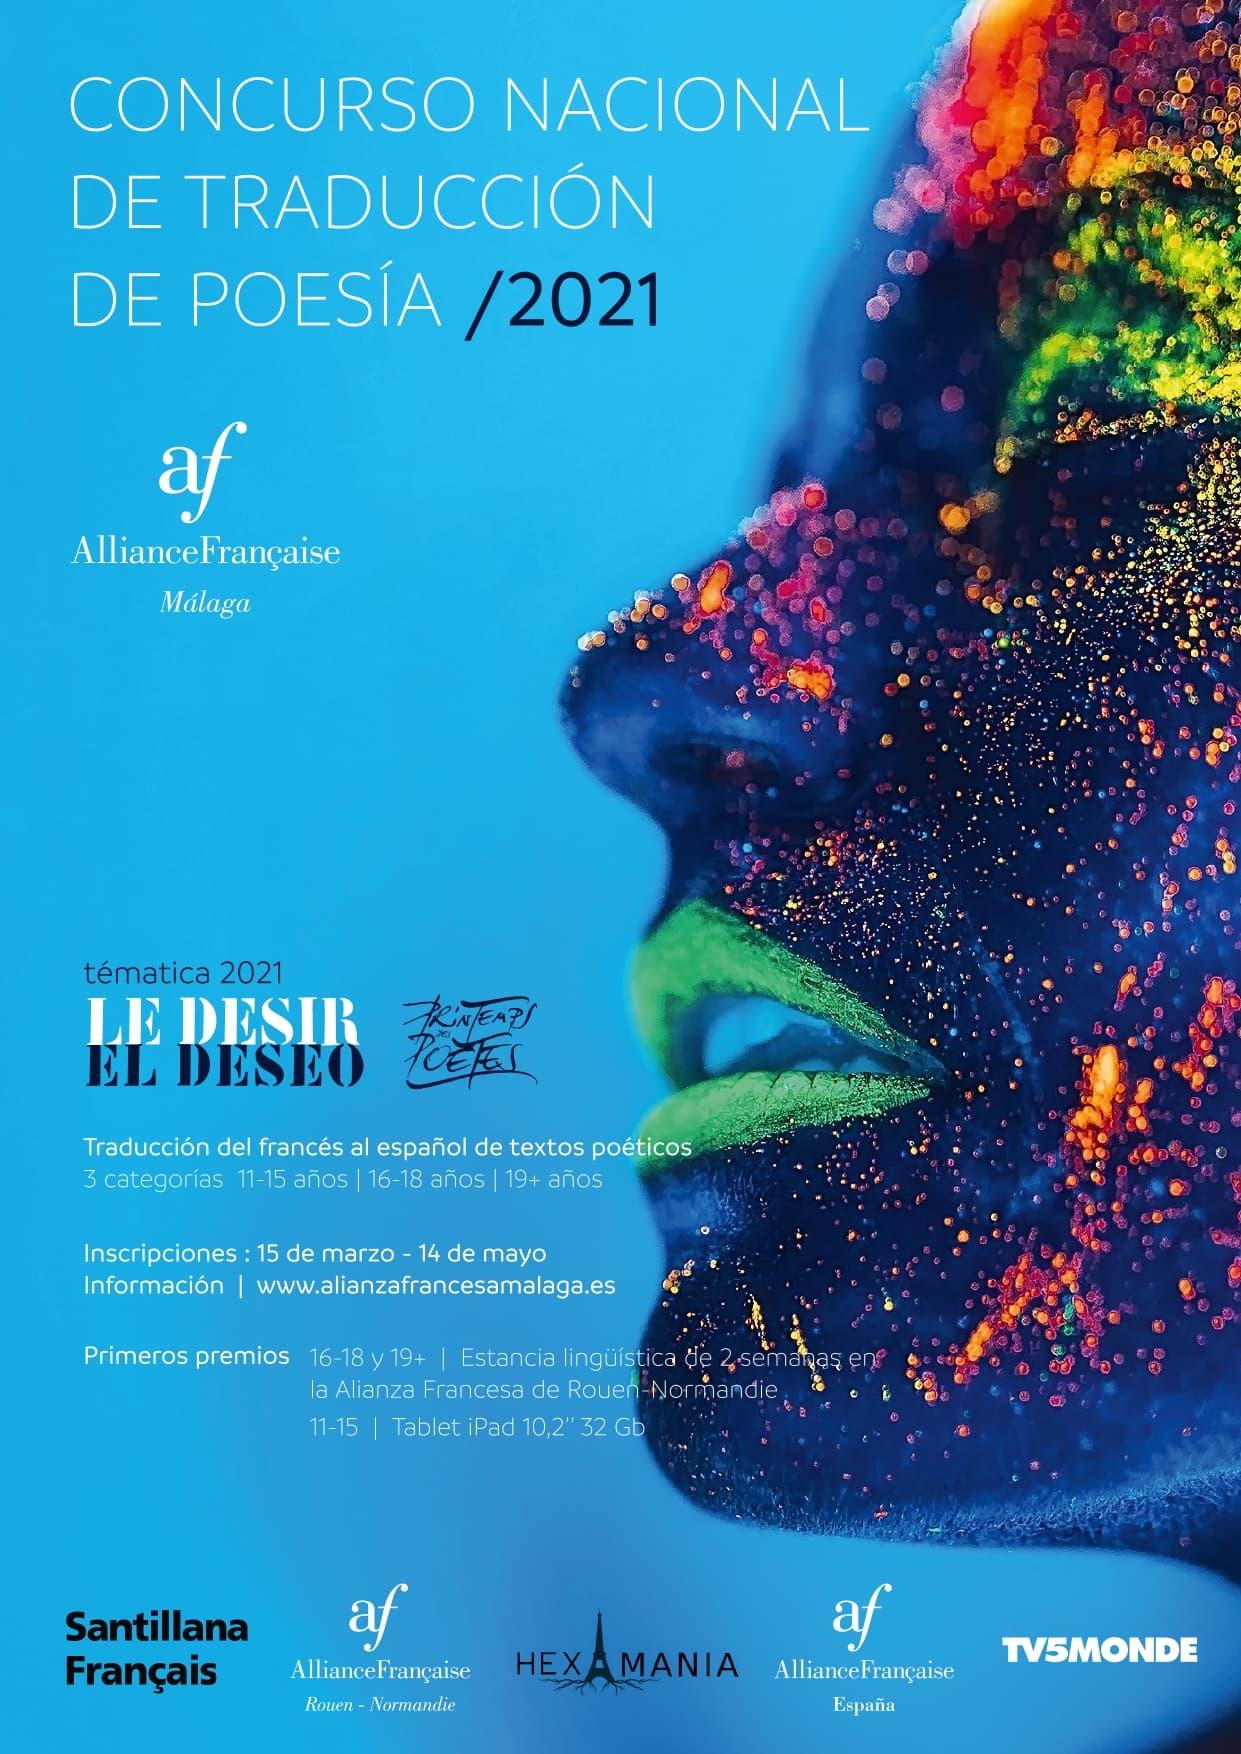 Cartel del concurso nacional de traducción poética de la alianza francesa